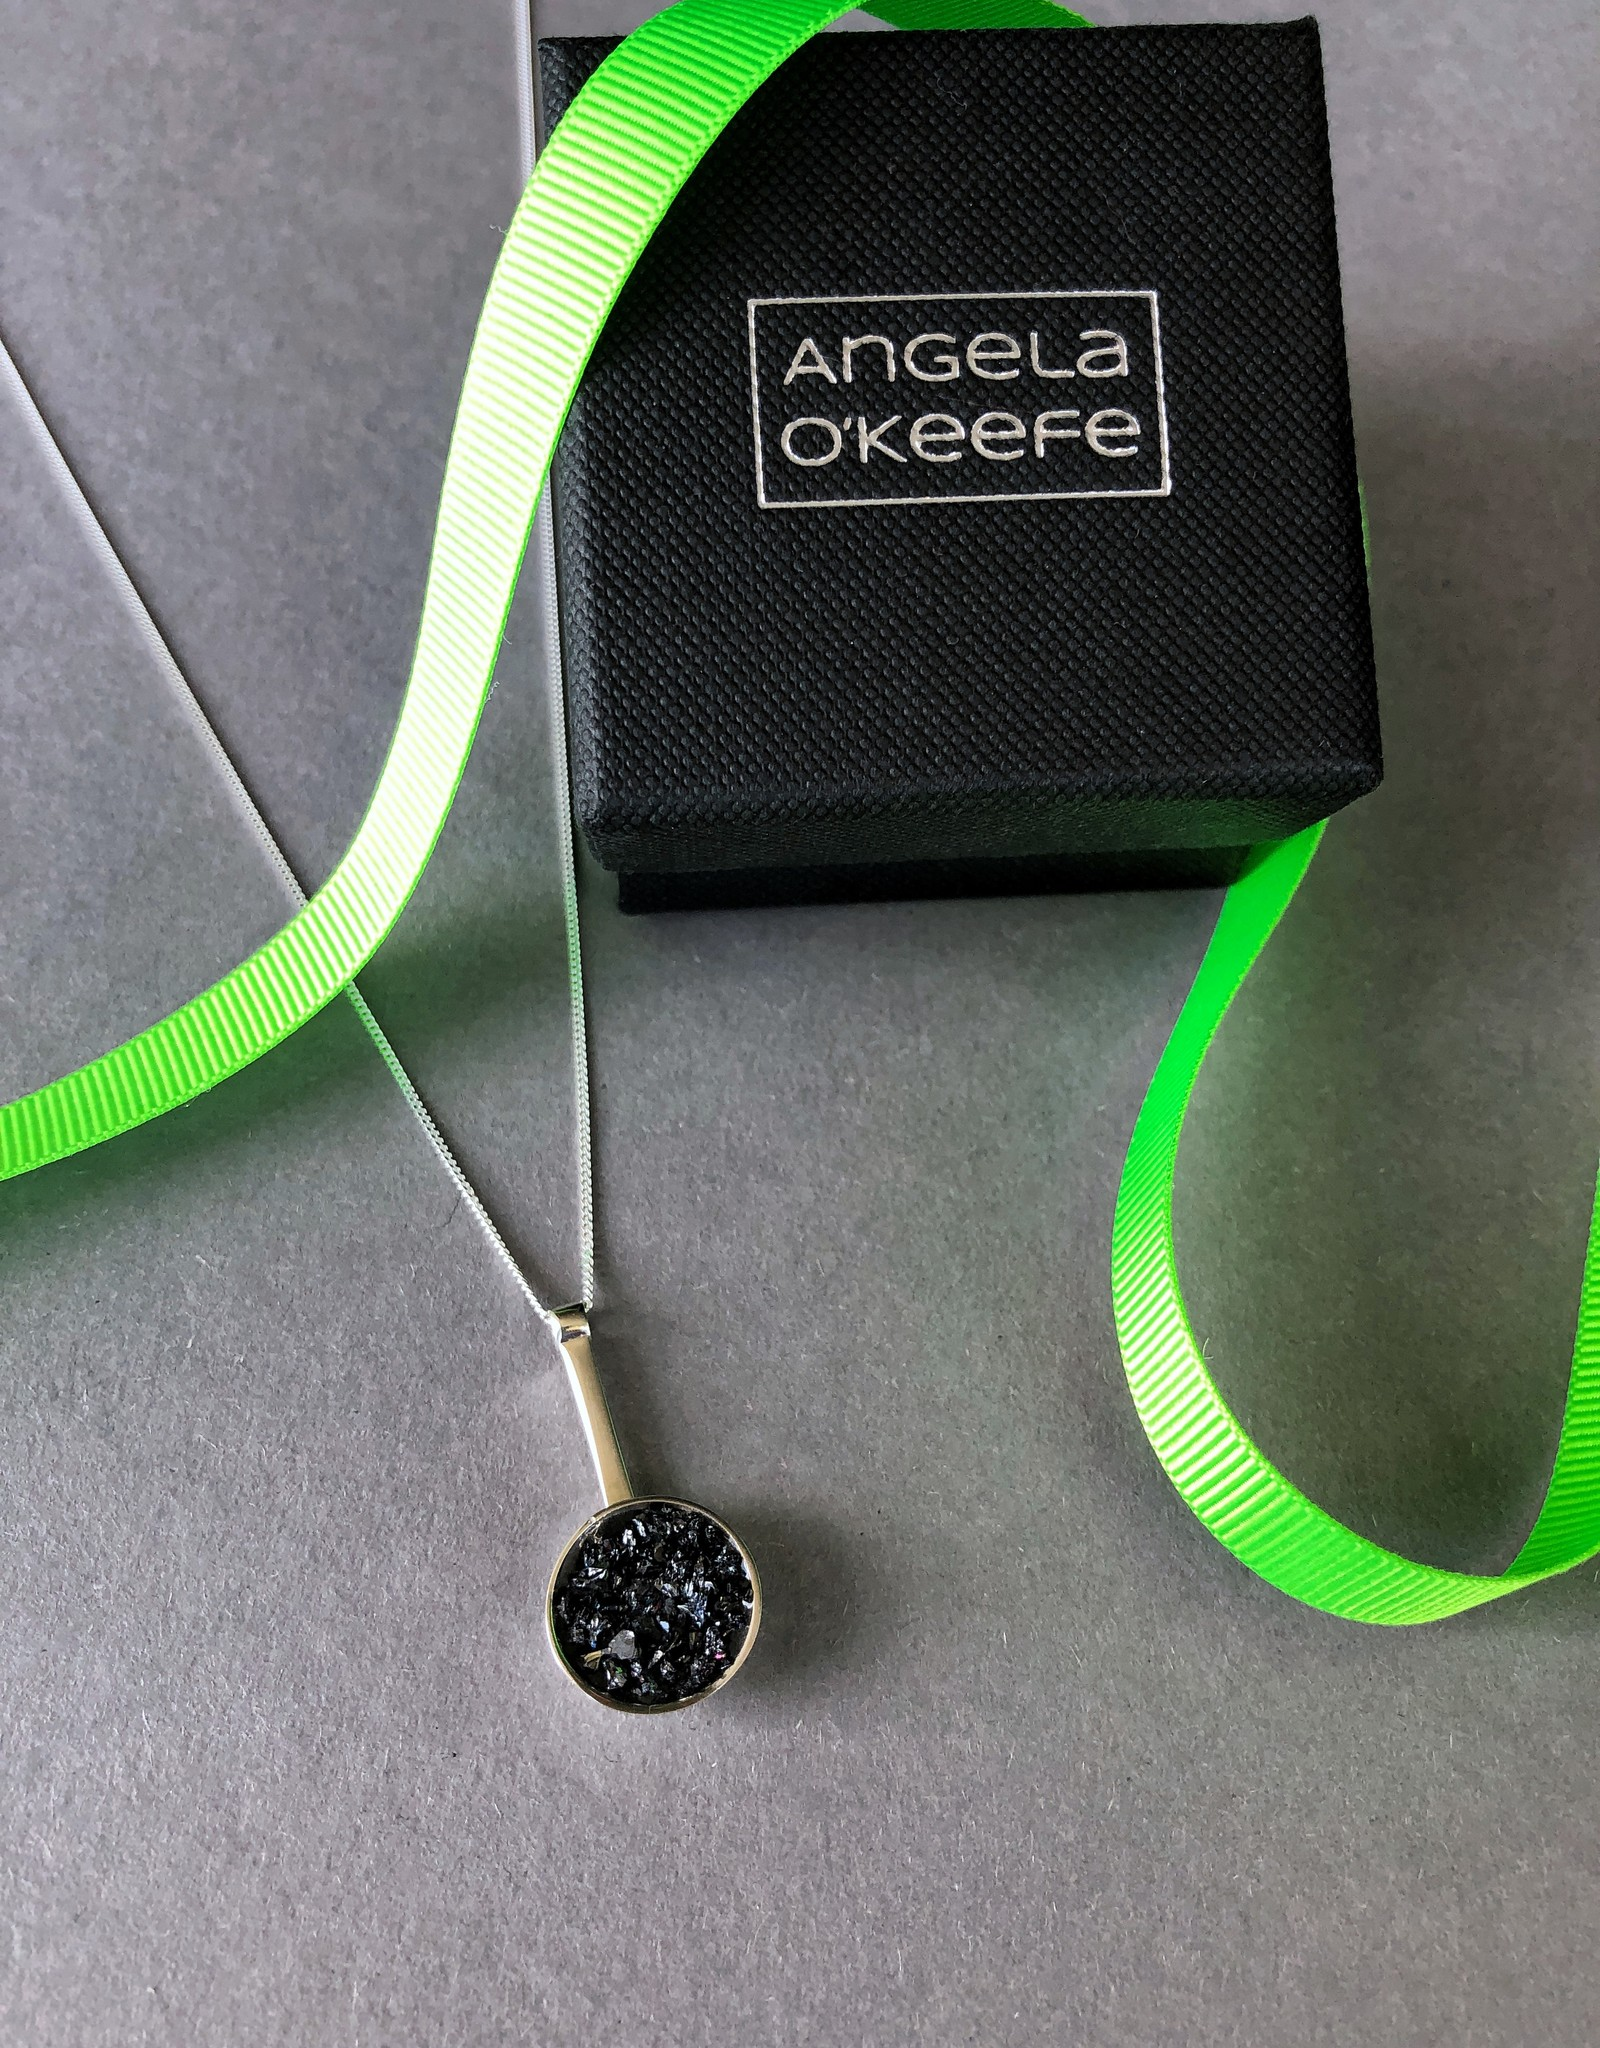 Angela O'Keefe AOK 4 Dome drop pendant